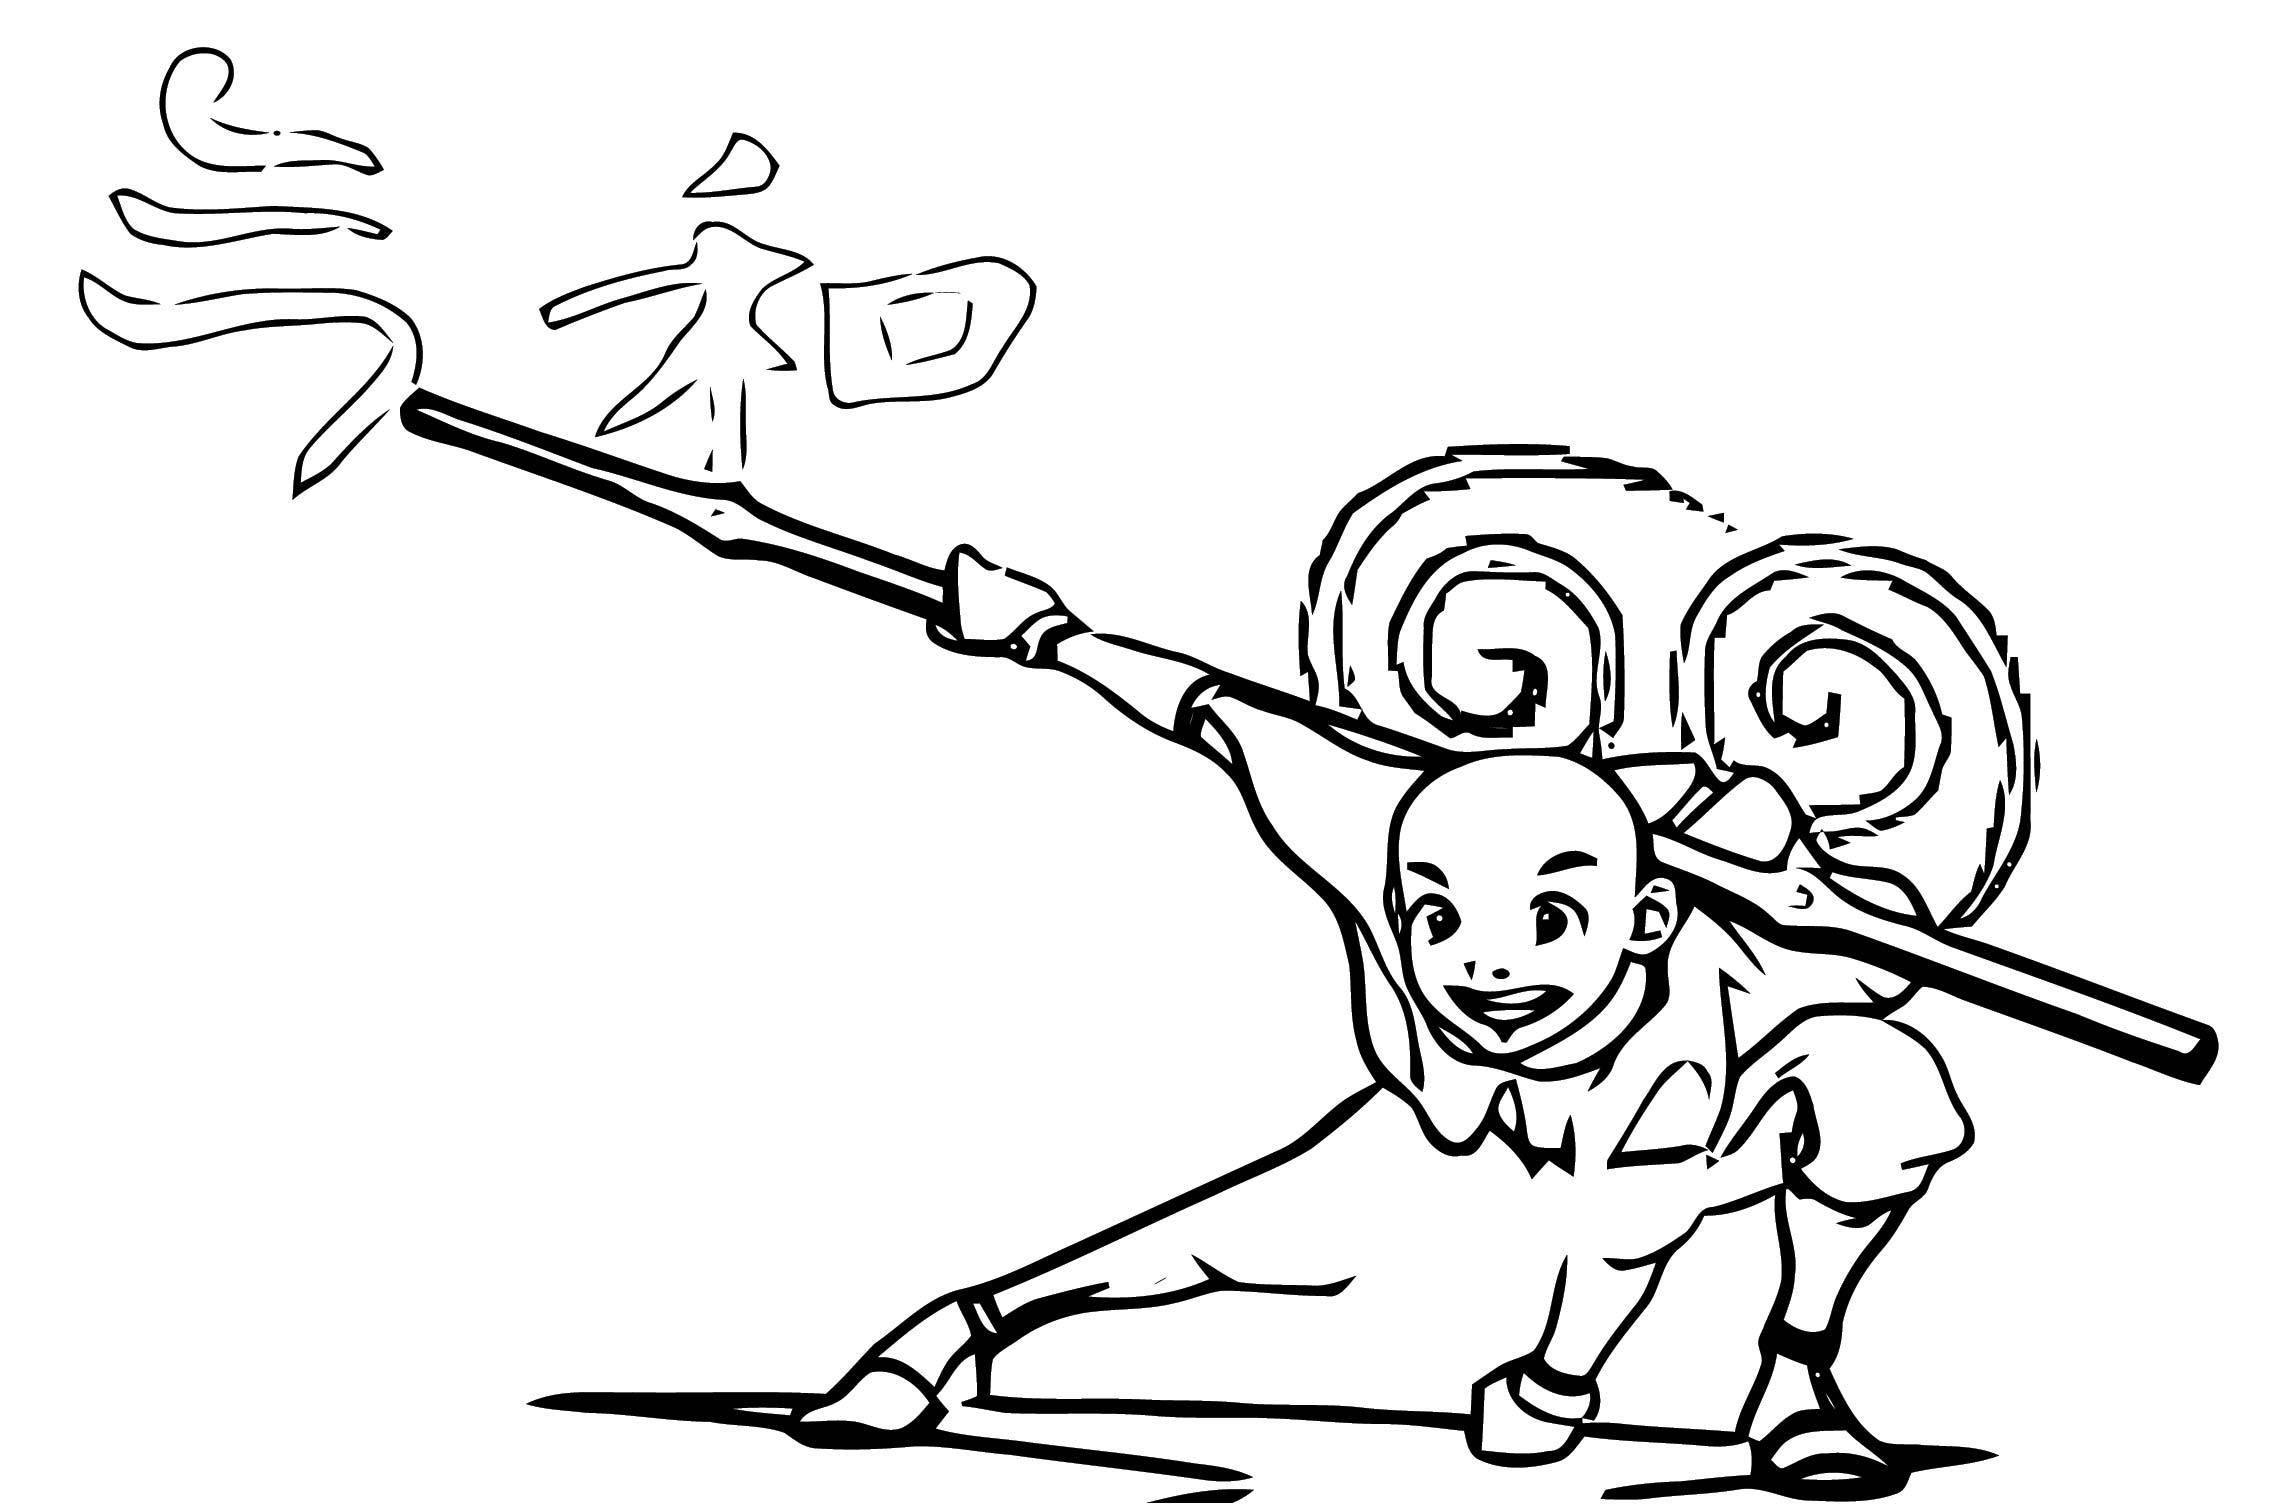 Avatar Aang Wallpaper Jazzyjazz Avatar Aang Coloring Page